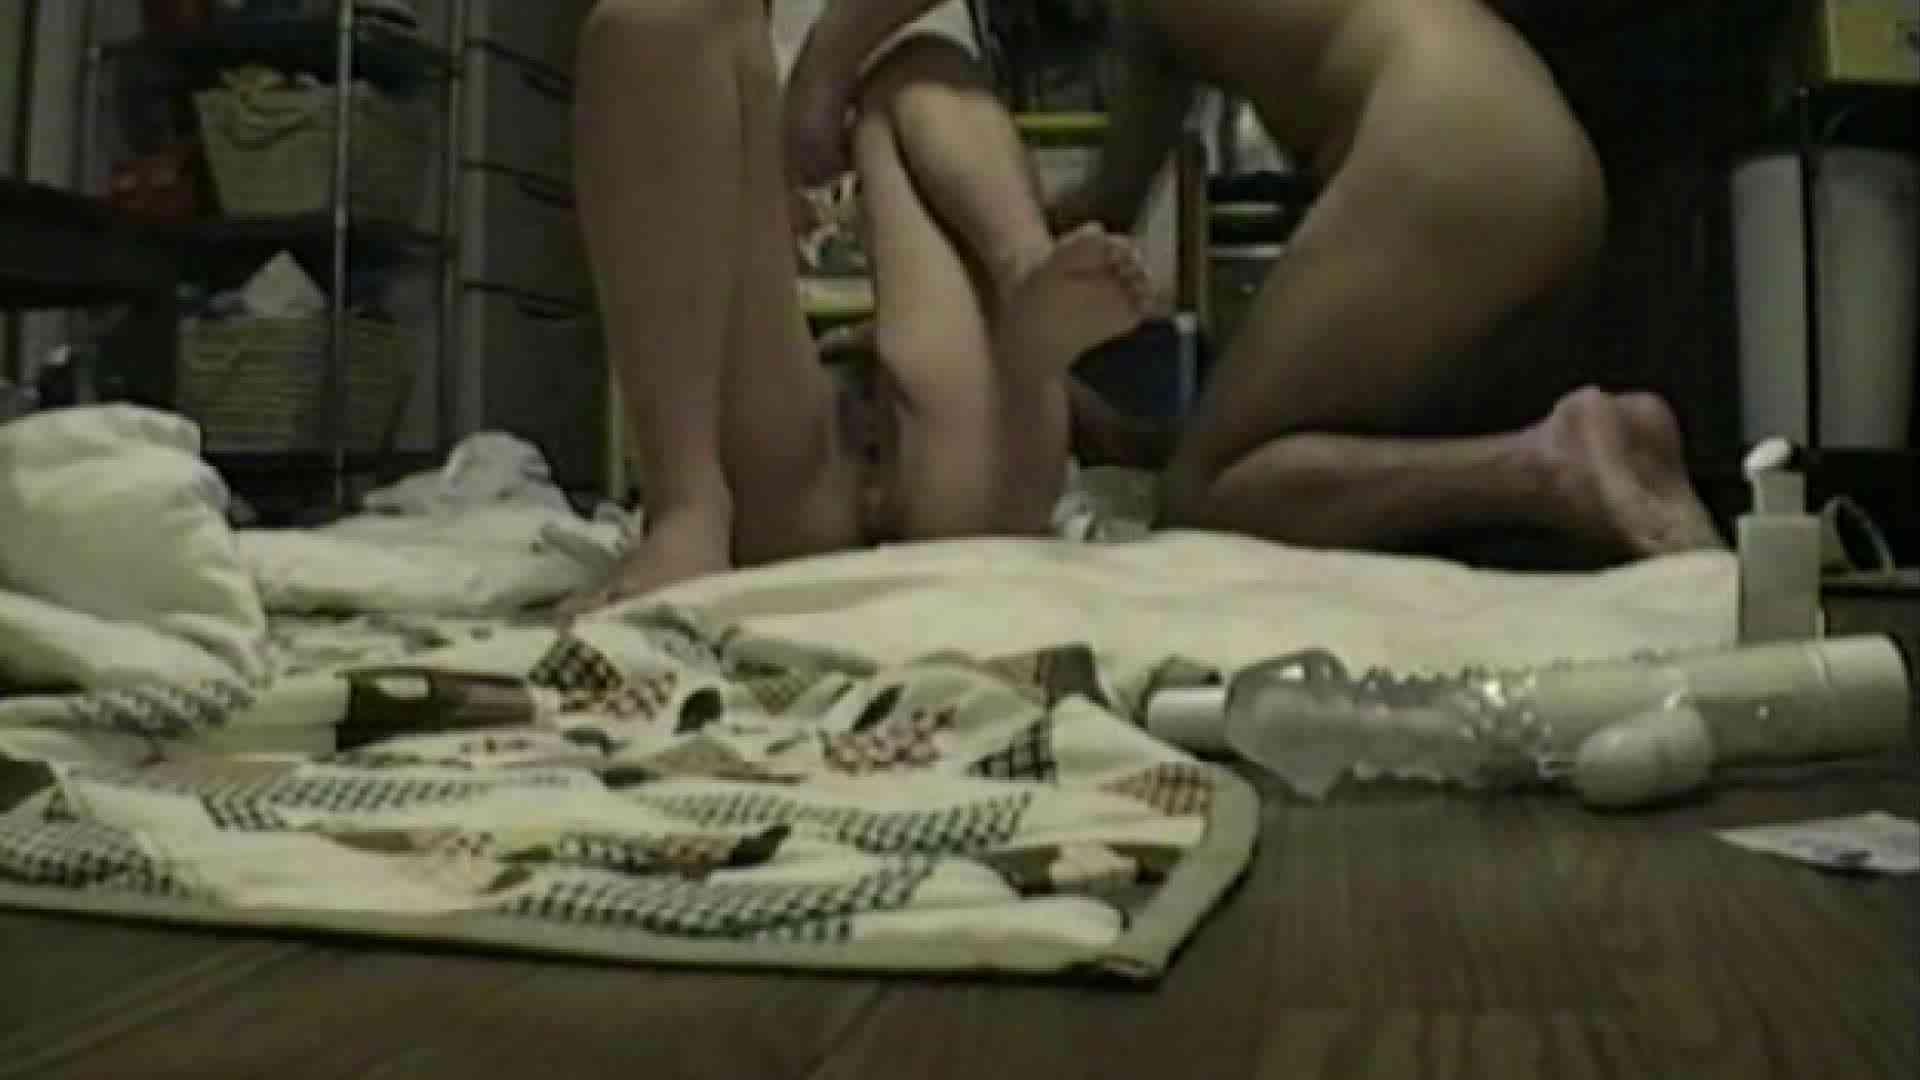 最愛の妻 TAKAKO 愛のSEX Vol.03 SEX えろ無修正画像 84pic 75